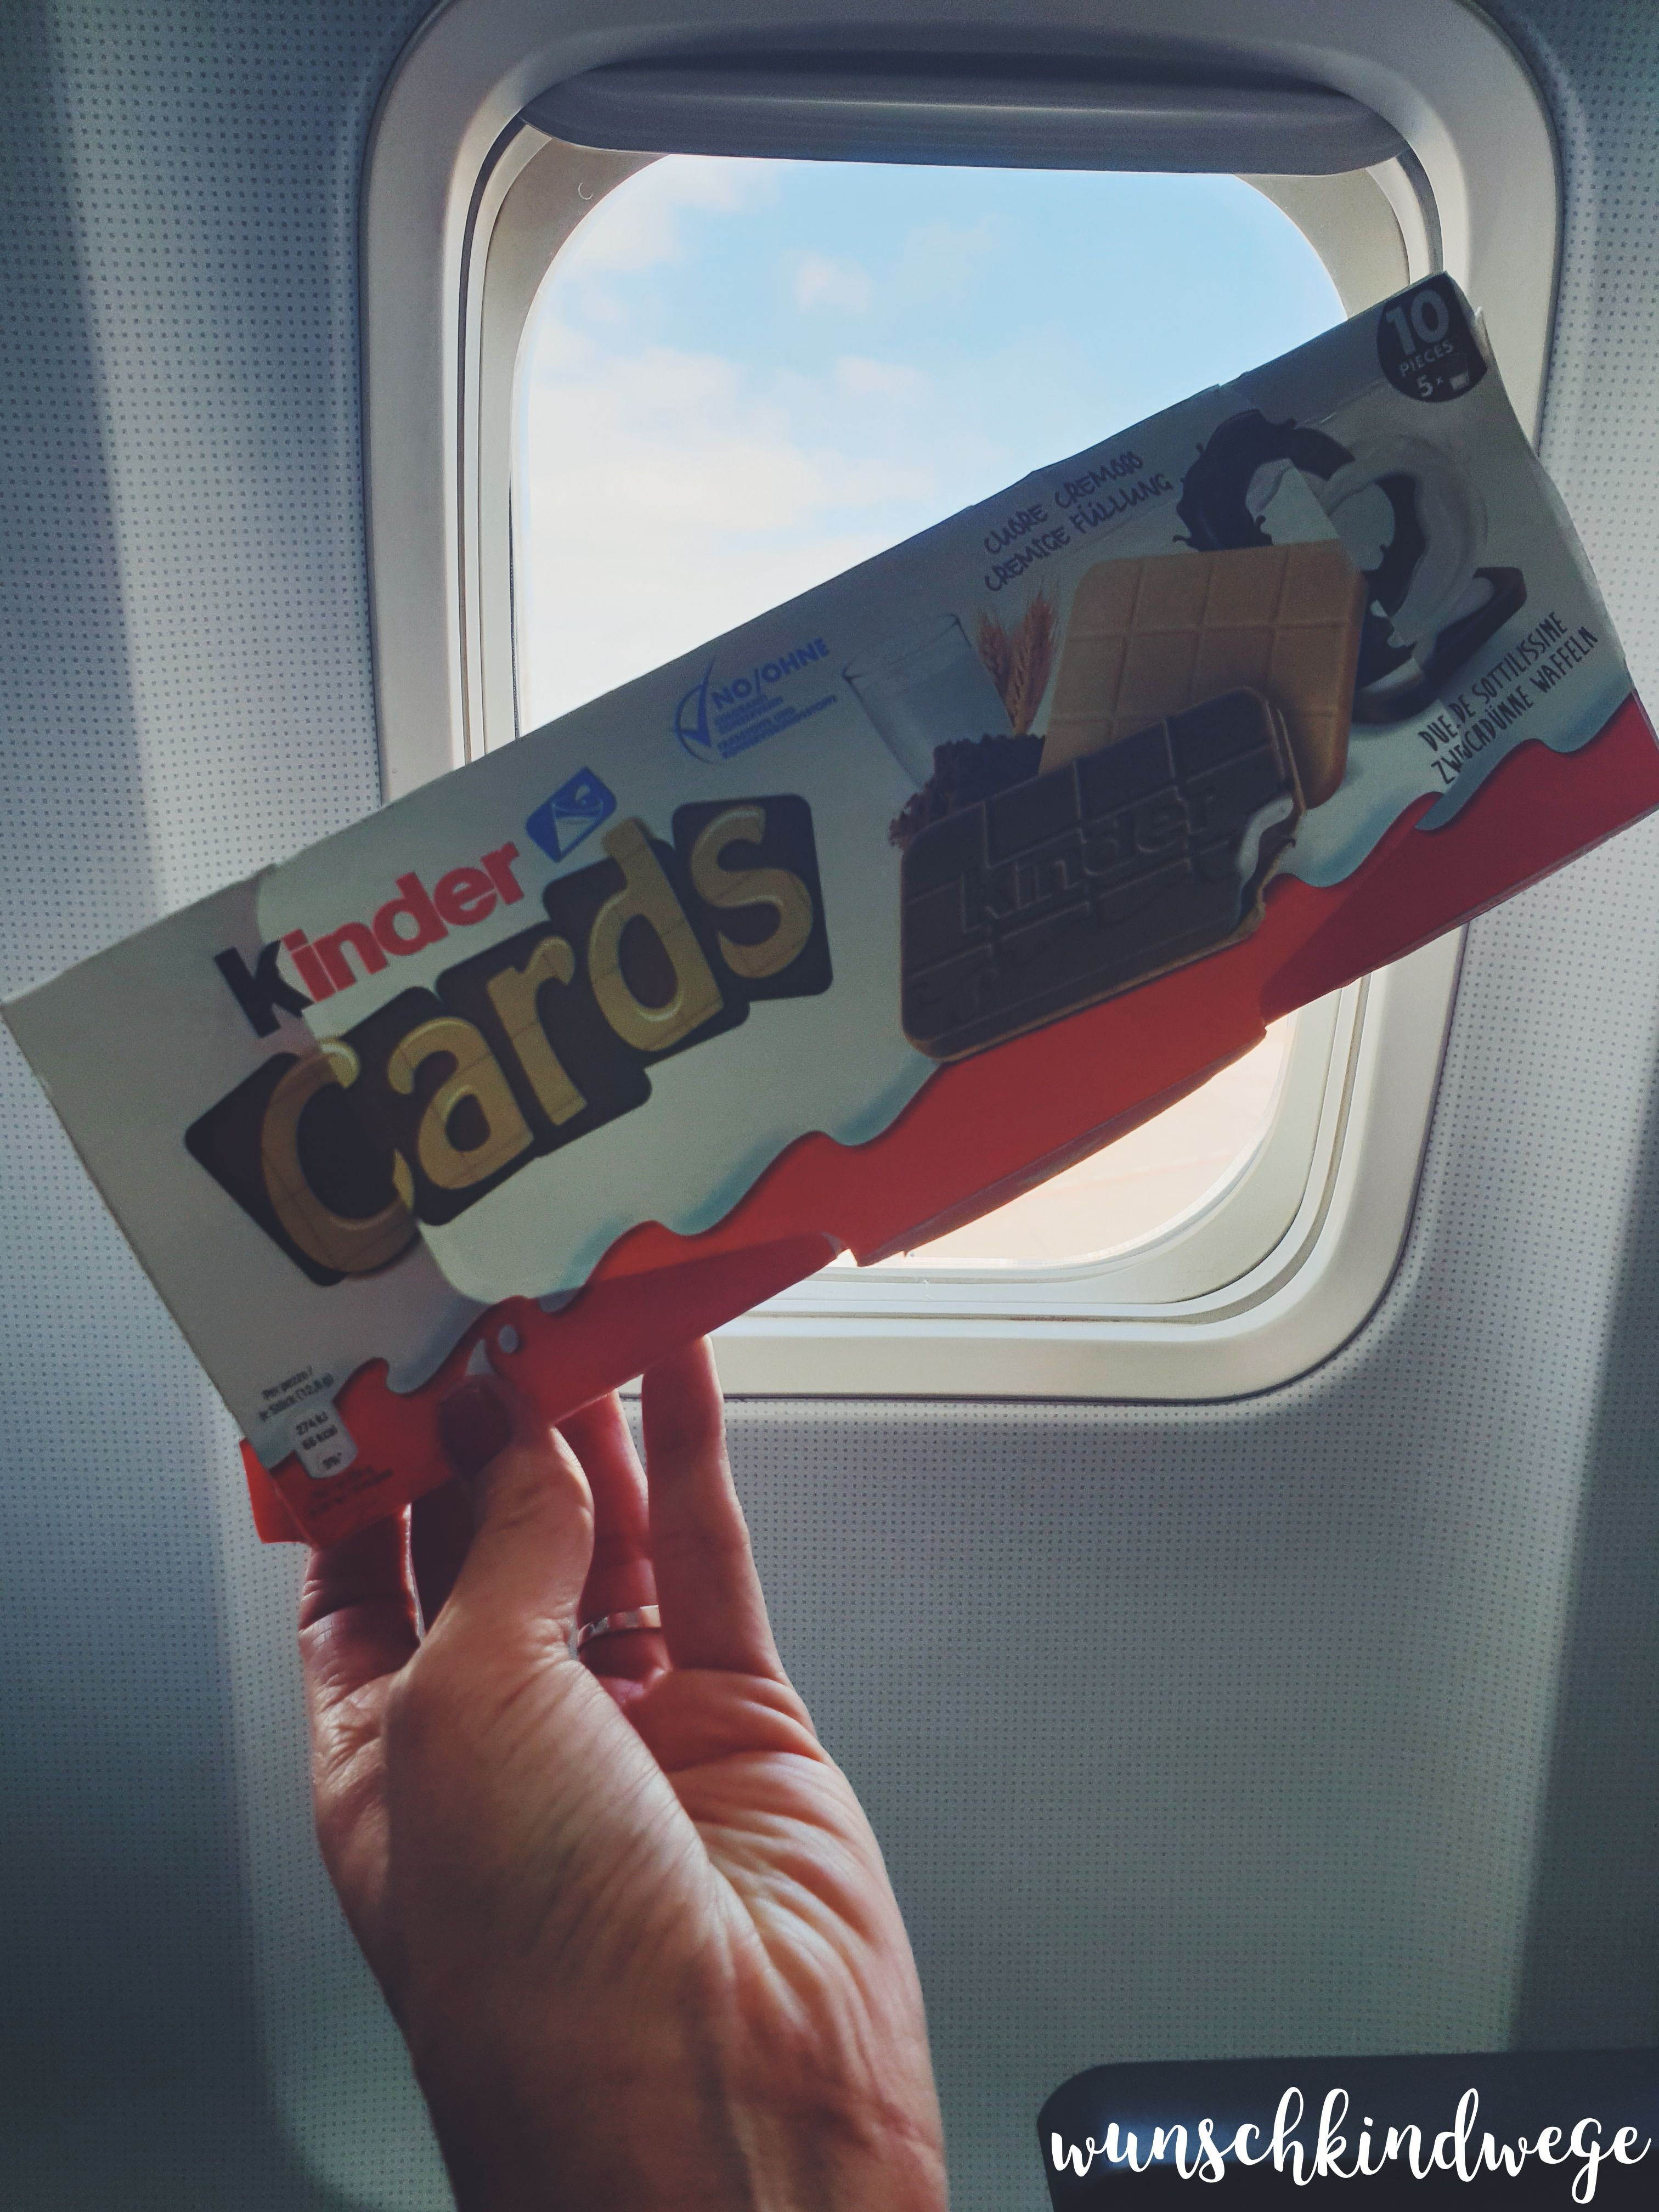 kinder Cards im Flugzeug